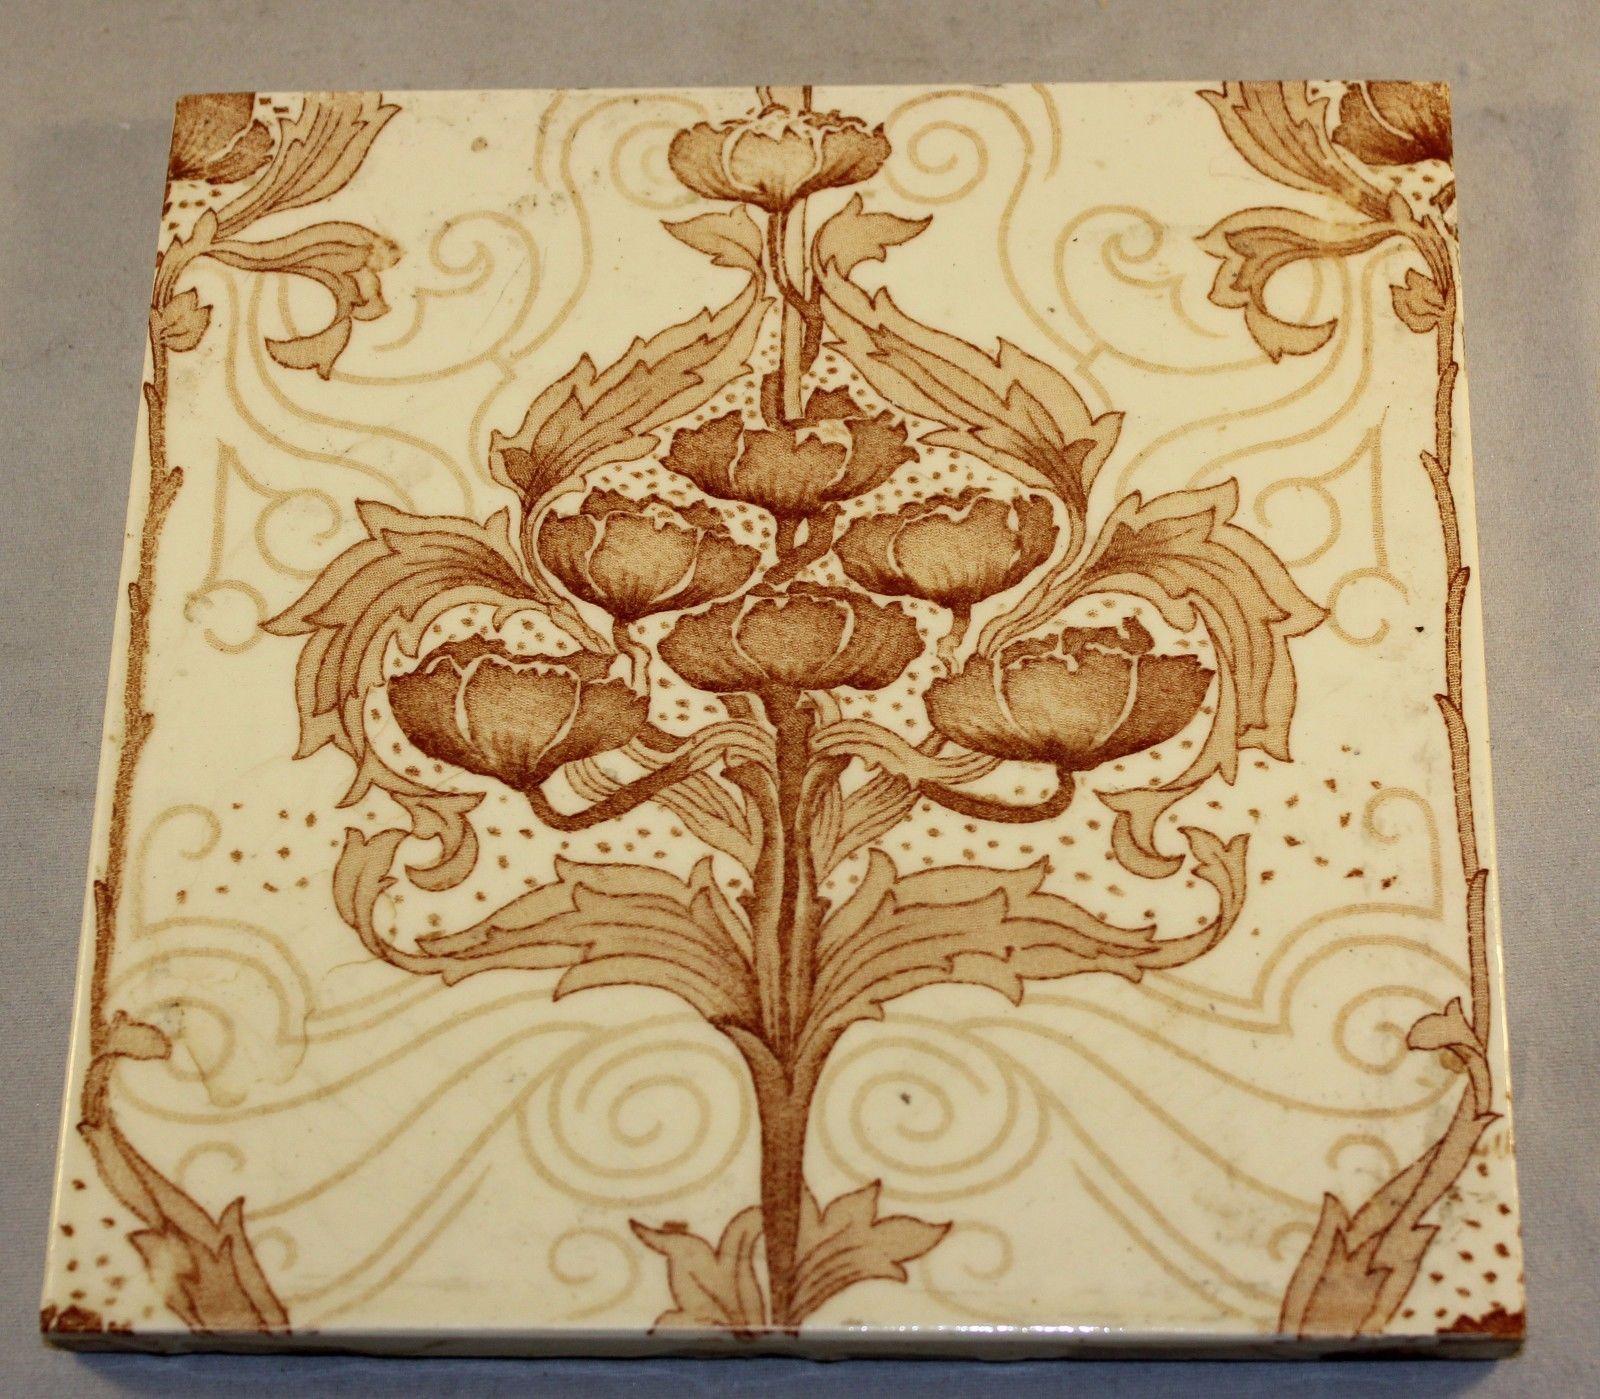 Antique Victorian Minton Art Nouveau Classic Transfer Printed Wall Tile 6 034 X 6 034 Ebay Art Nouveau Vintage Tile Art